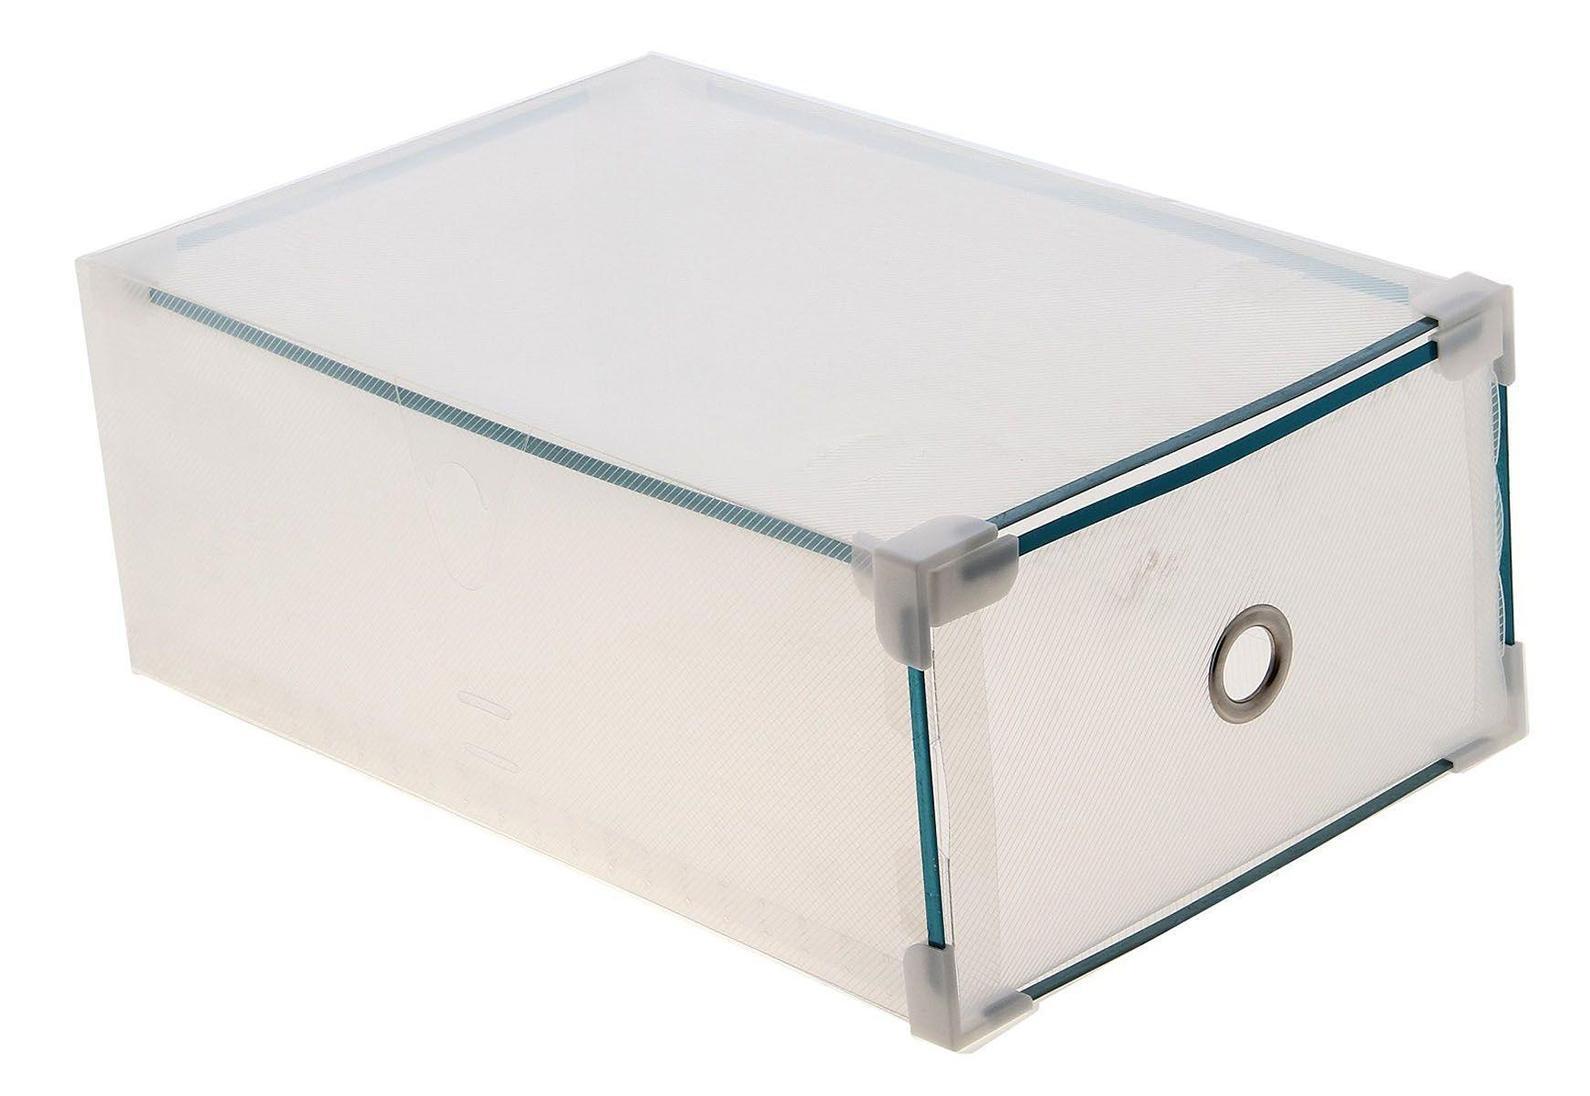 короб для хранения выдвижной 34*22*12см прозрачный 7099686907099680004Коробка для мелочей изготовлена из прочного пластика. Предназначена для хранения мелких бытовых мелочей, принадлежностей для шитья и т.д. Коробка оснащена плотно закрывающейся крышкой, которая предотвратит просыпание и потерю мелких вещиц. Коробка для мелочей сохранит ваши вещи в порядке. Материал: Пластик, металл